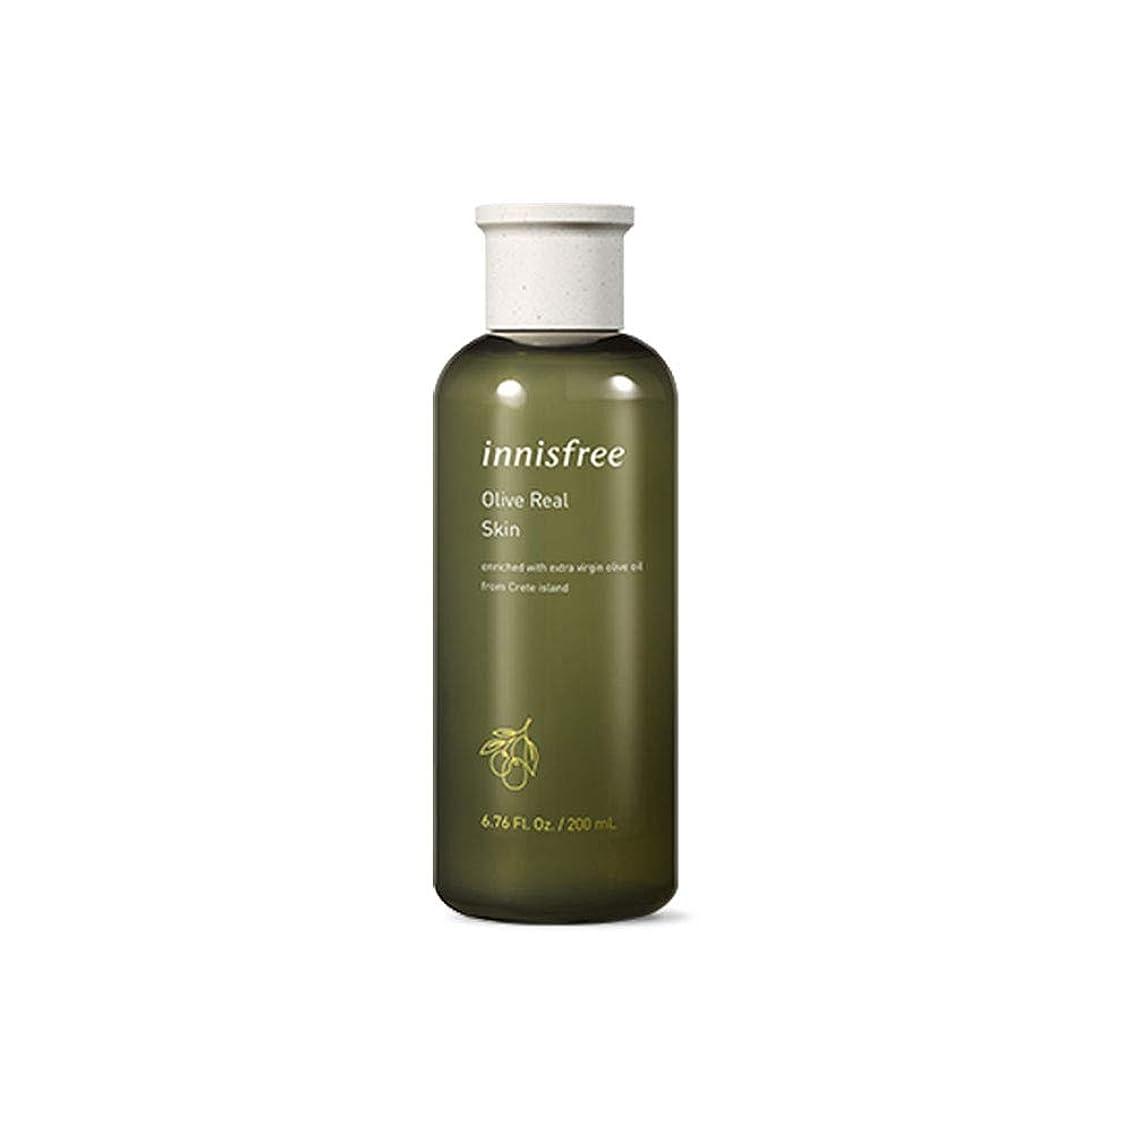 リビジョンポンペイ枯渇するNEW[イニスフリー] Innisfree オリーブ リアル スキンEX (200ml) Innisfree Olive Real Skin EX(200ml) [海外直送品]